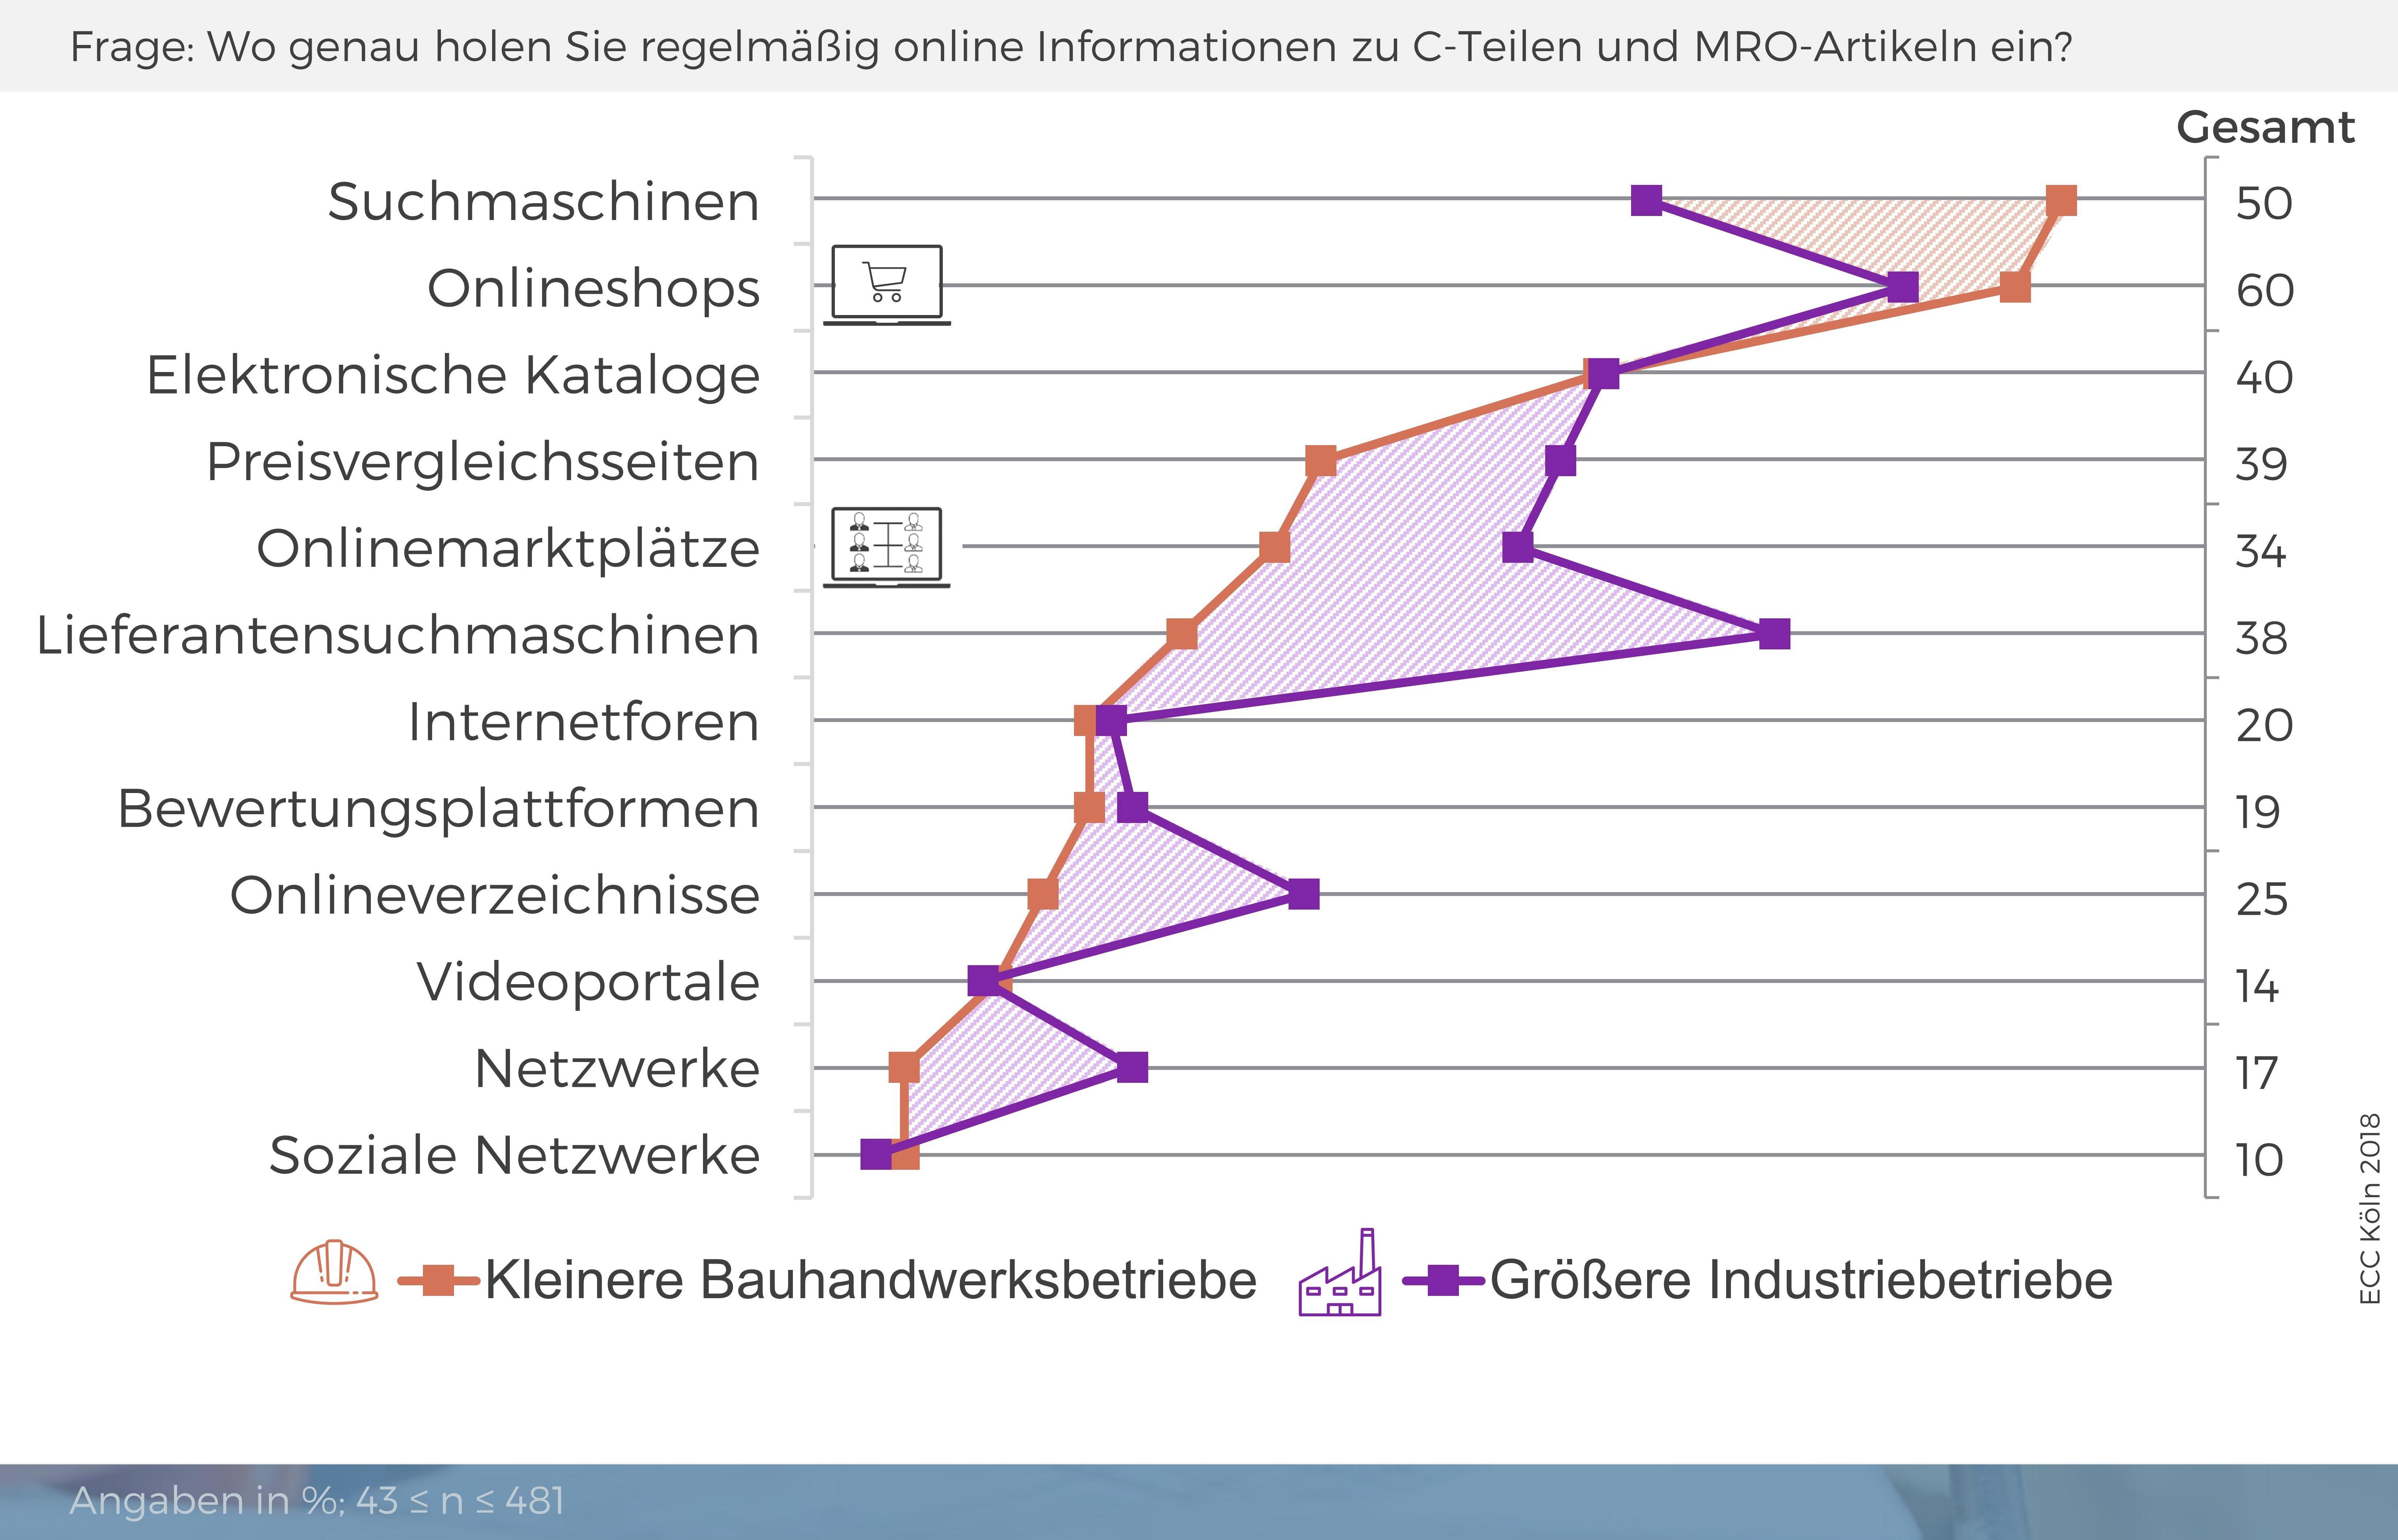 B2B-Kunden nutzen verschiedene Kanäle, um sich über Produkte zu informieren. (Bild: ECC Köln)